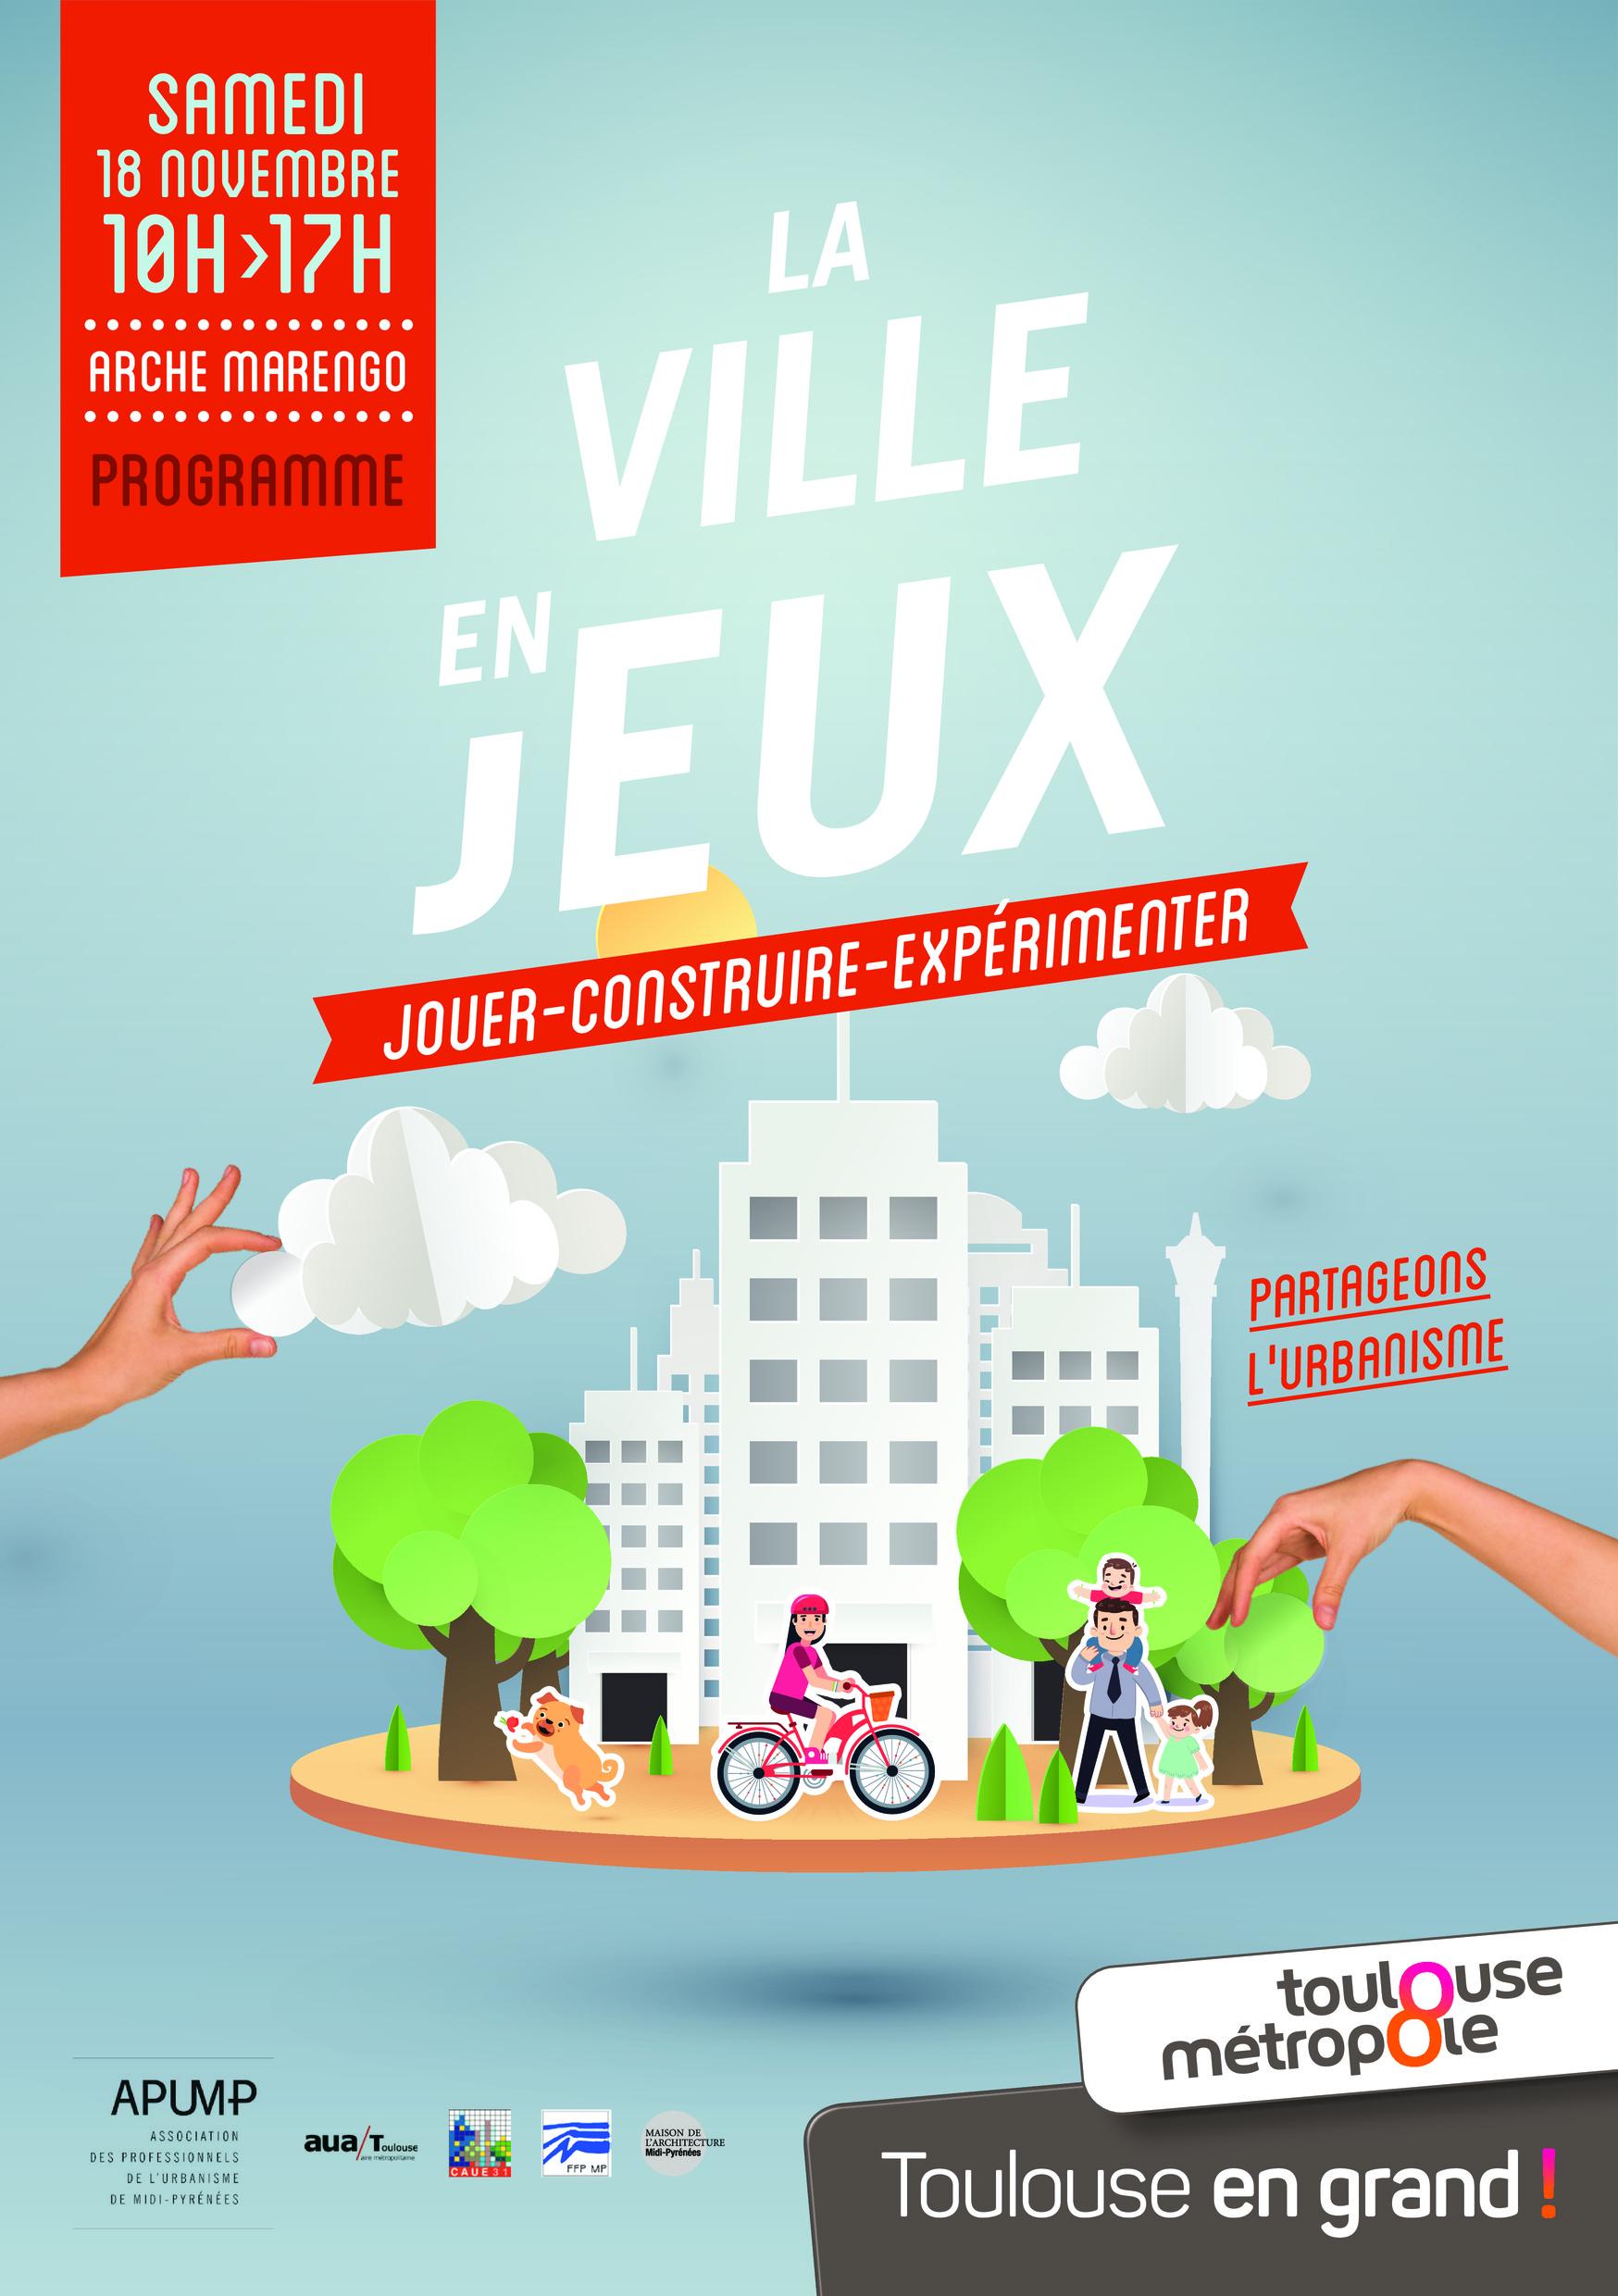 la_ville_en_jeux_programme-page0.jpg